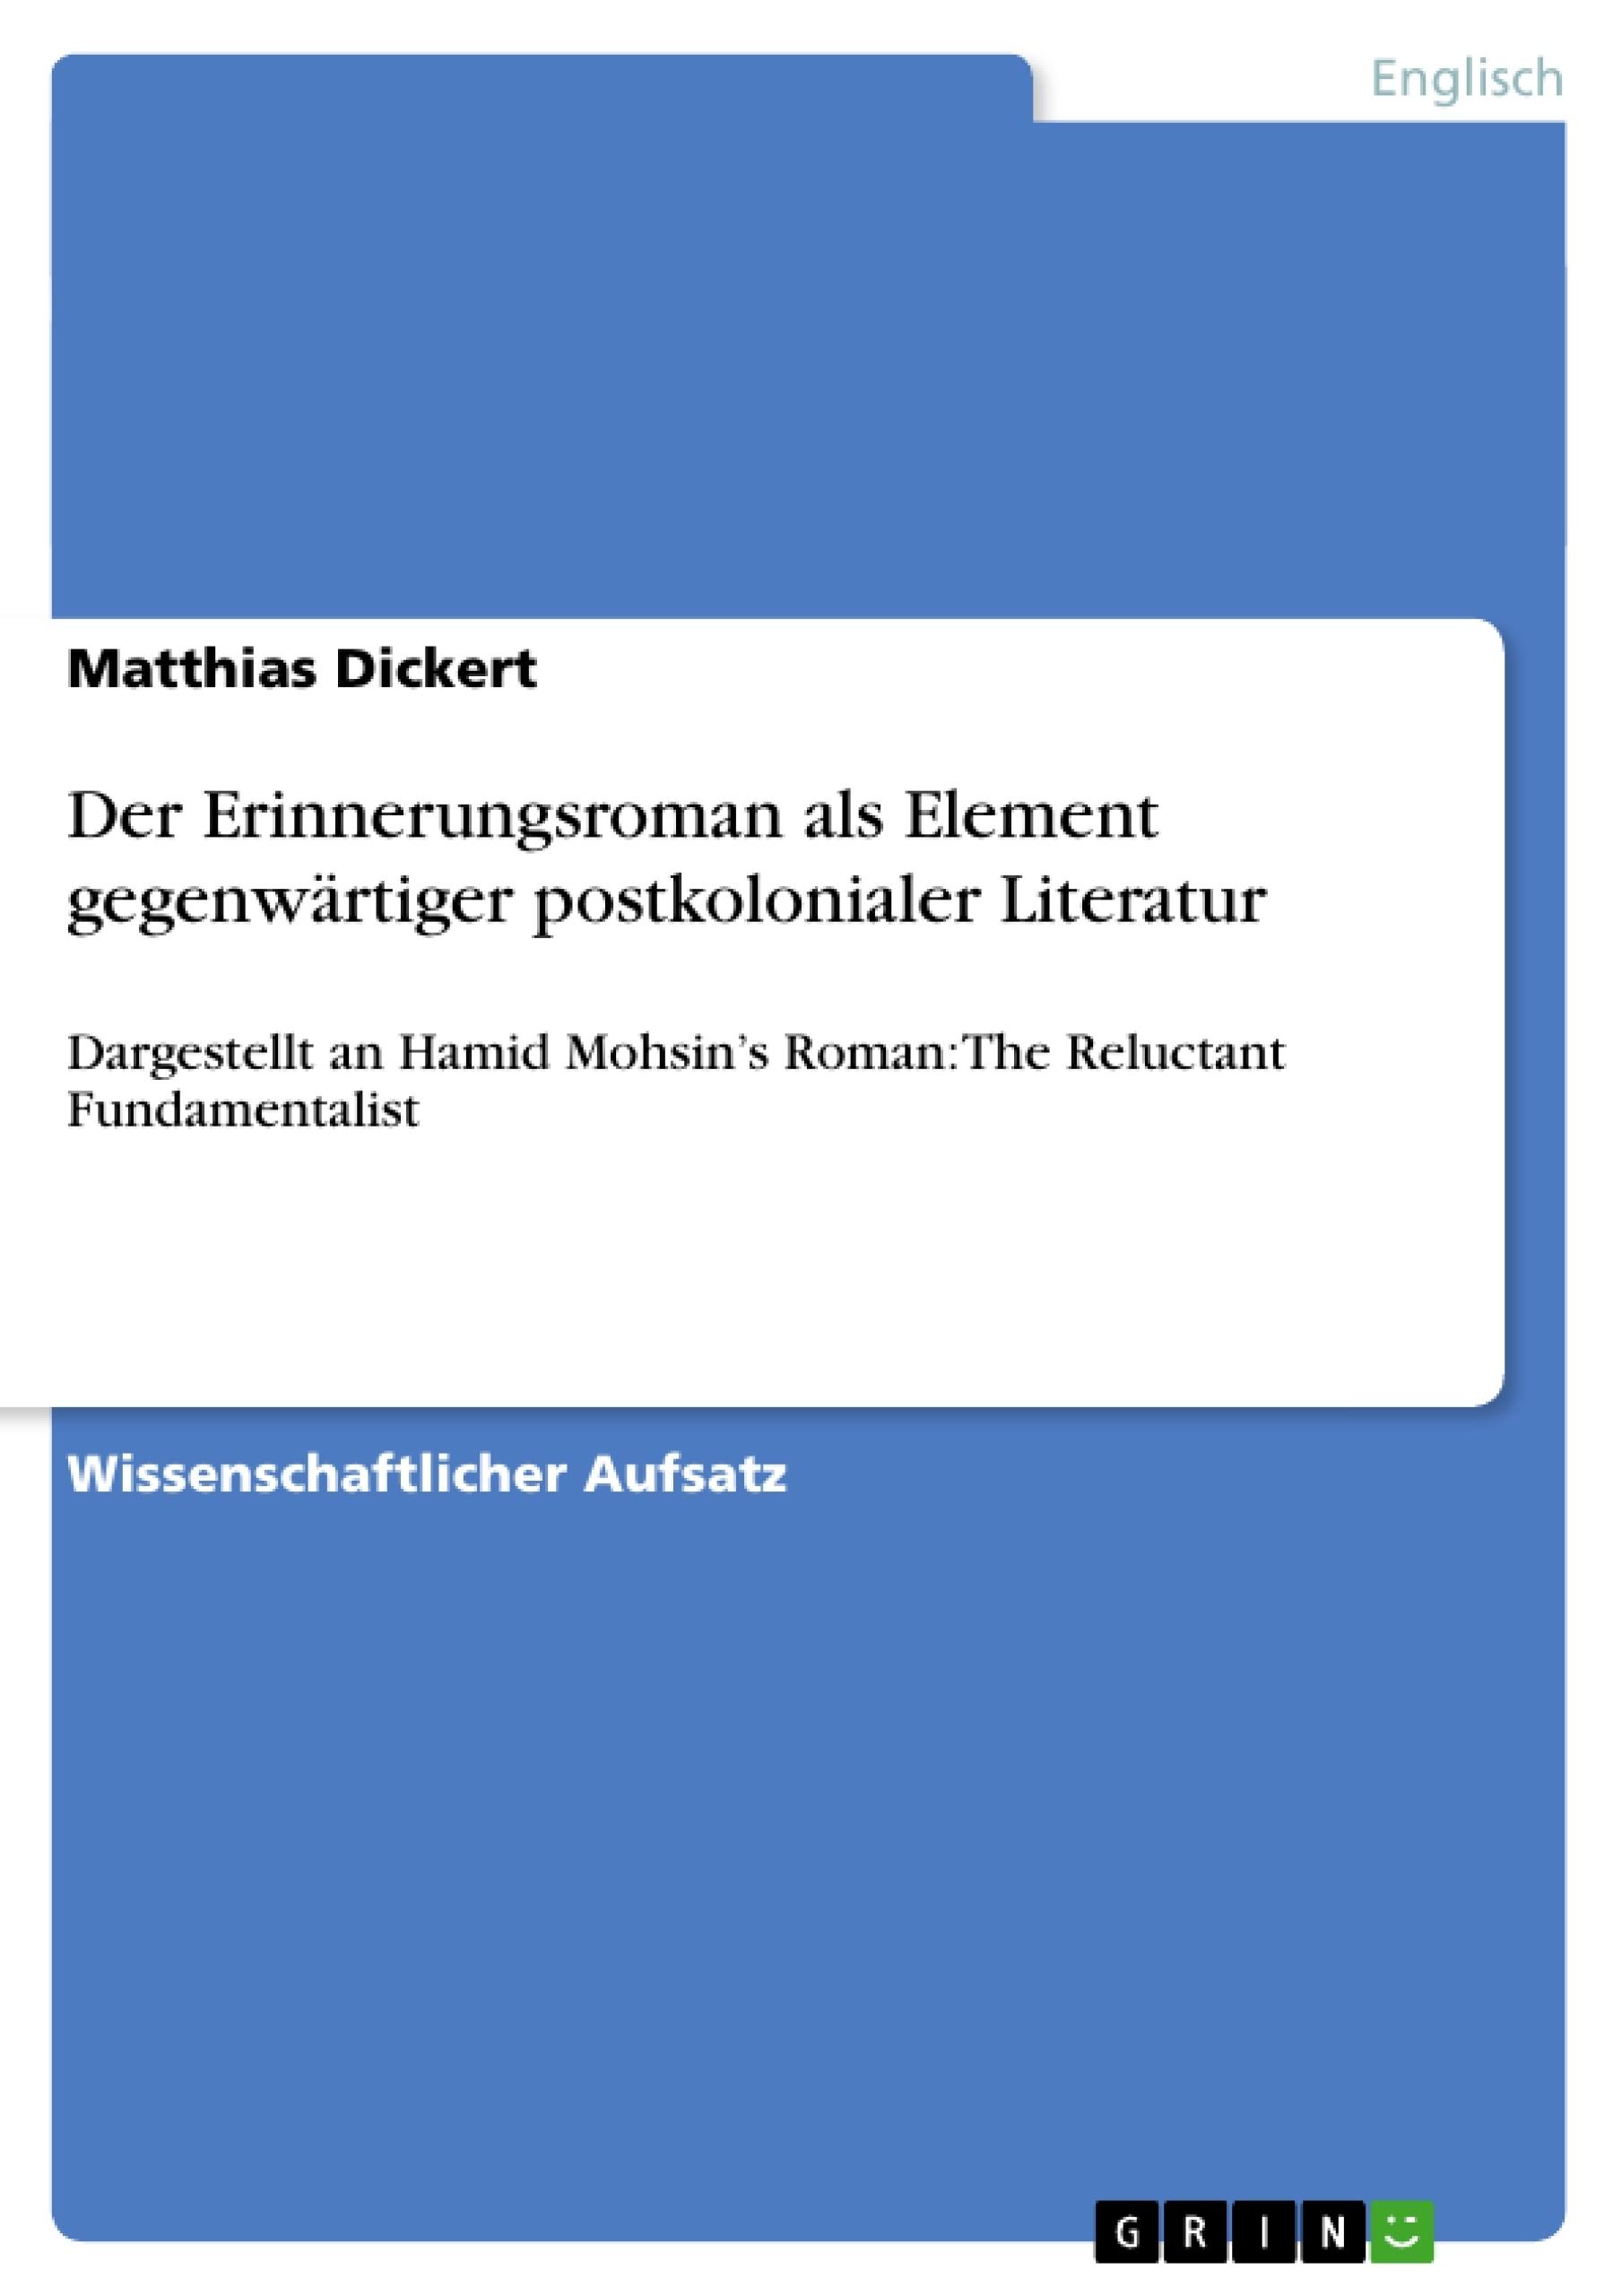 Titel: Der Erinnerungsroman als Element gegenwärtiger postkolonialer Literatur